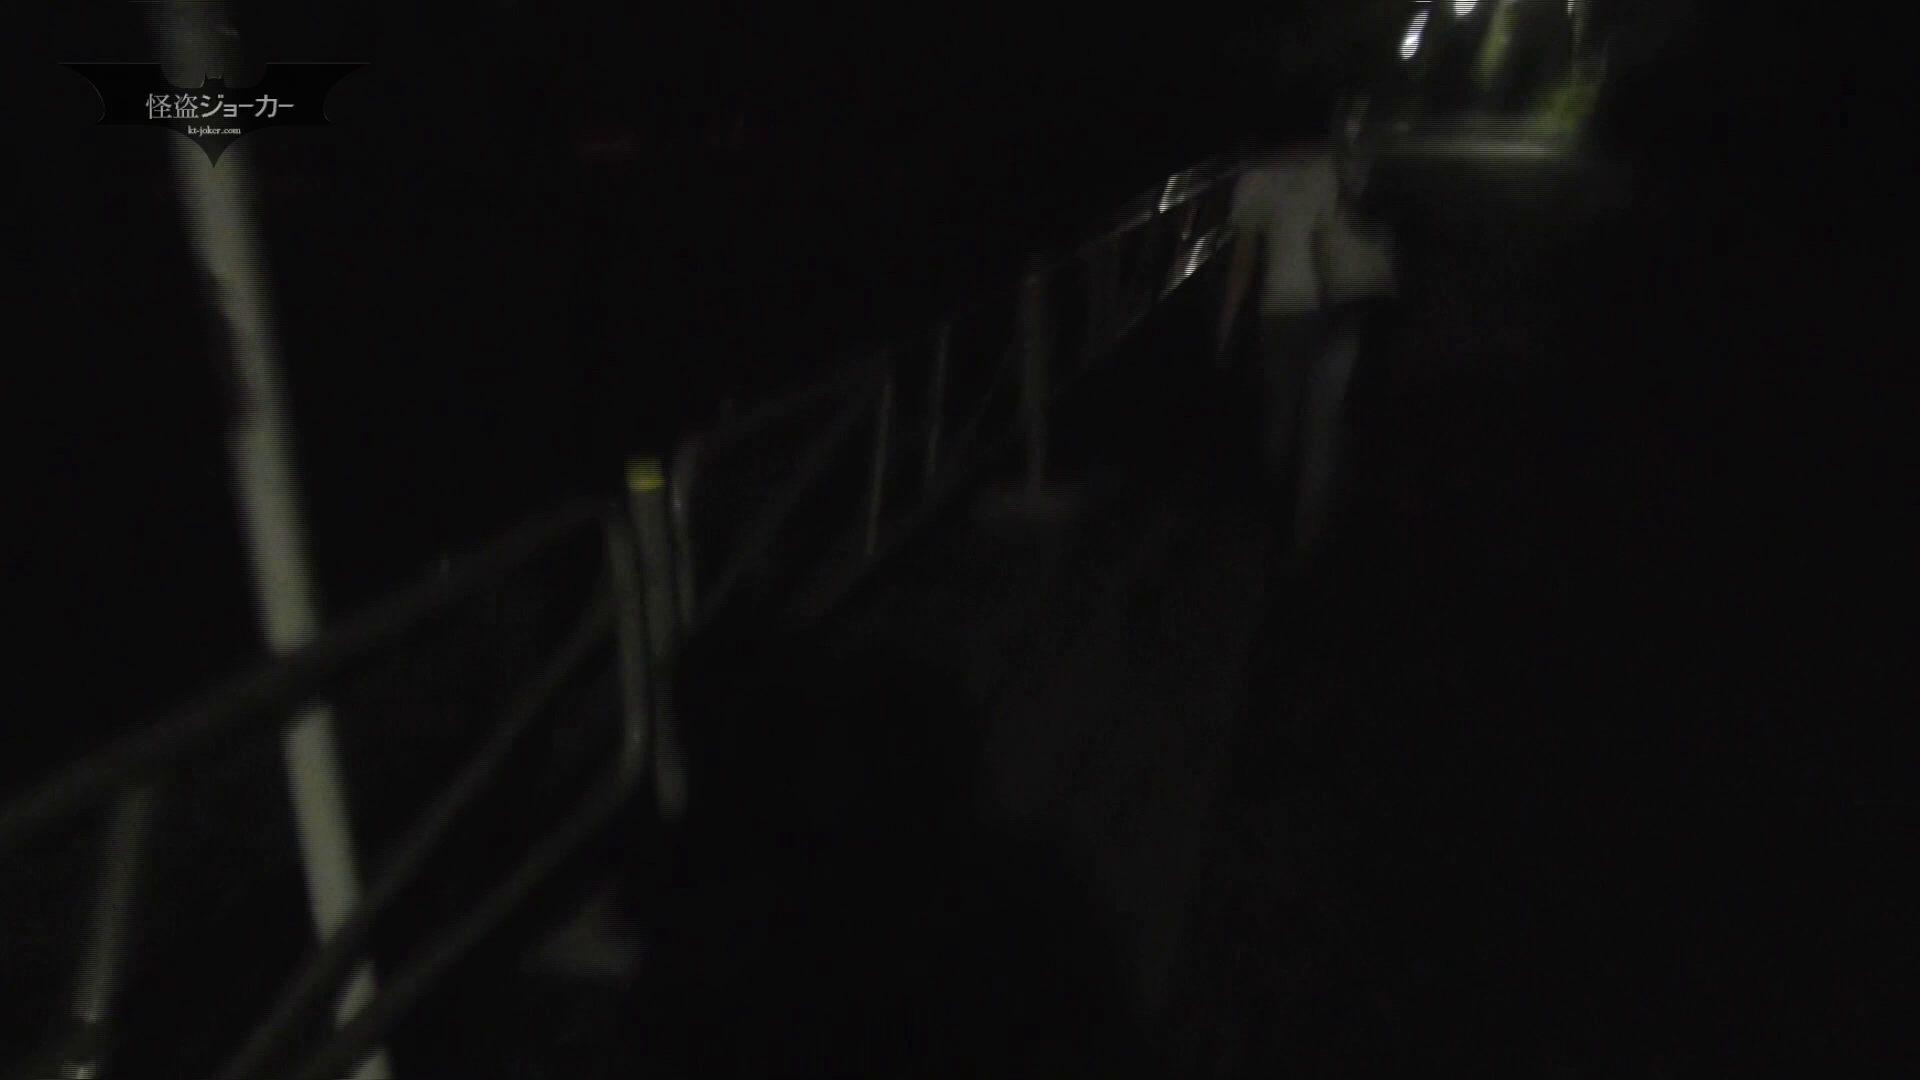 ヒトニアラヅNo.10 雪の様な白い肌 ギャル攻め 性交動画流出 108画像 2